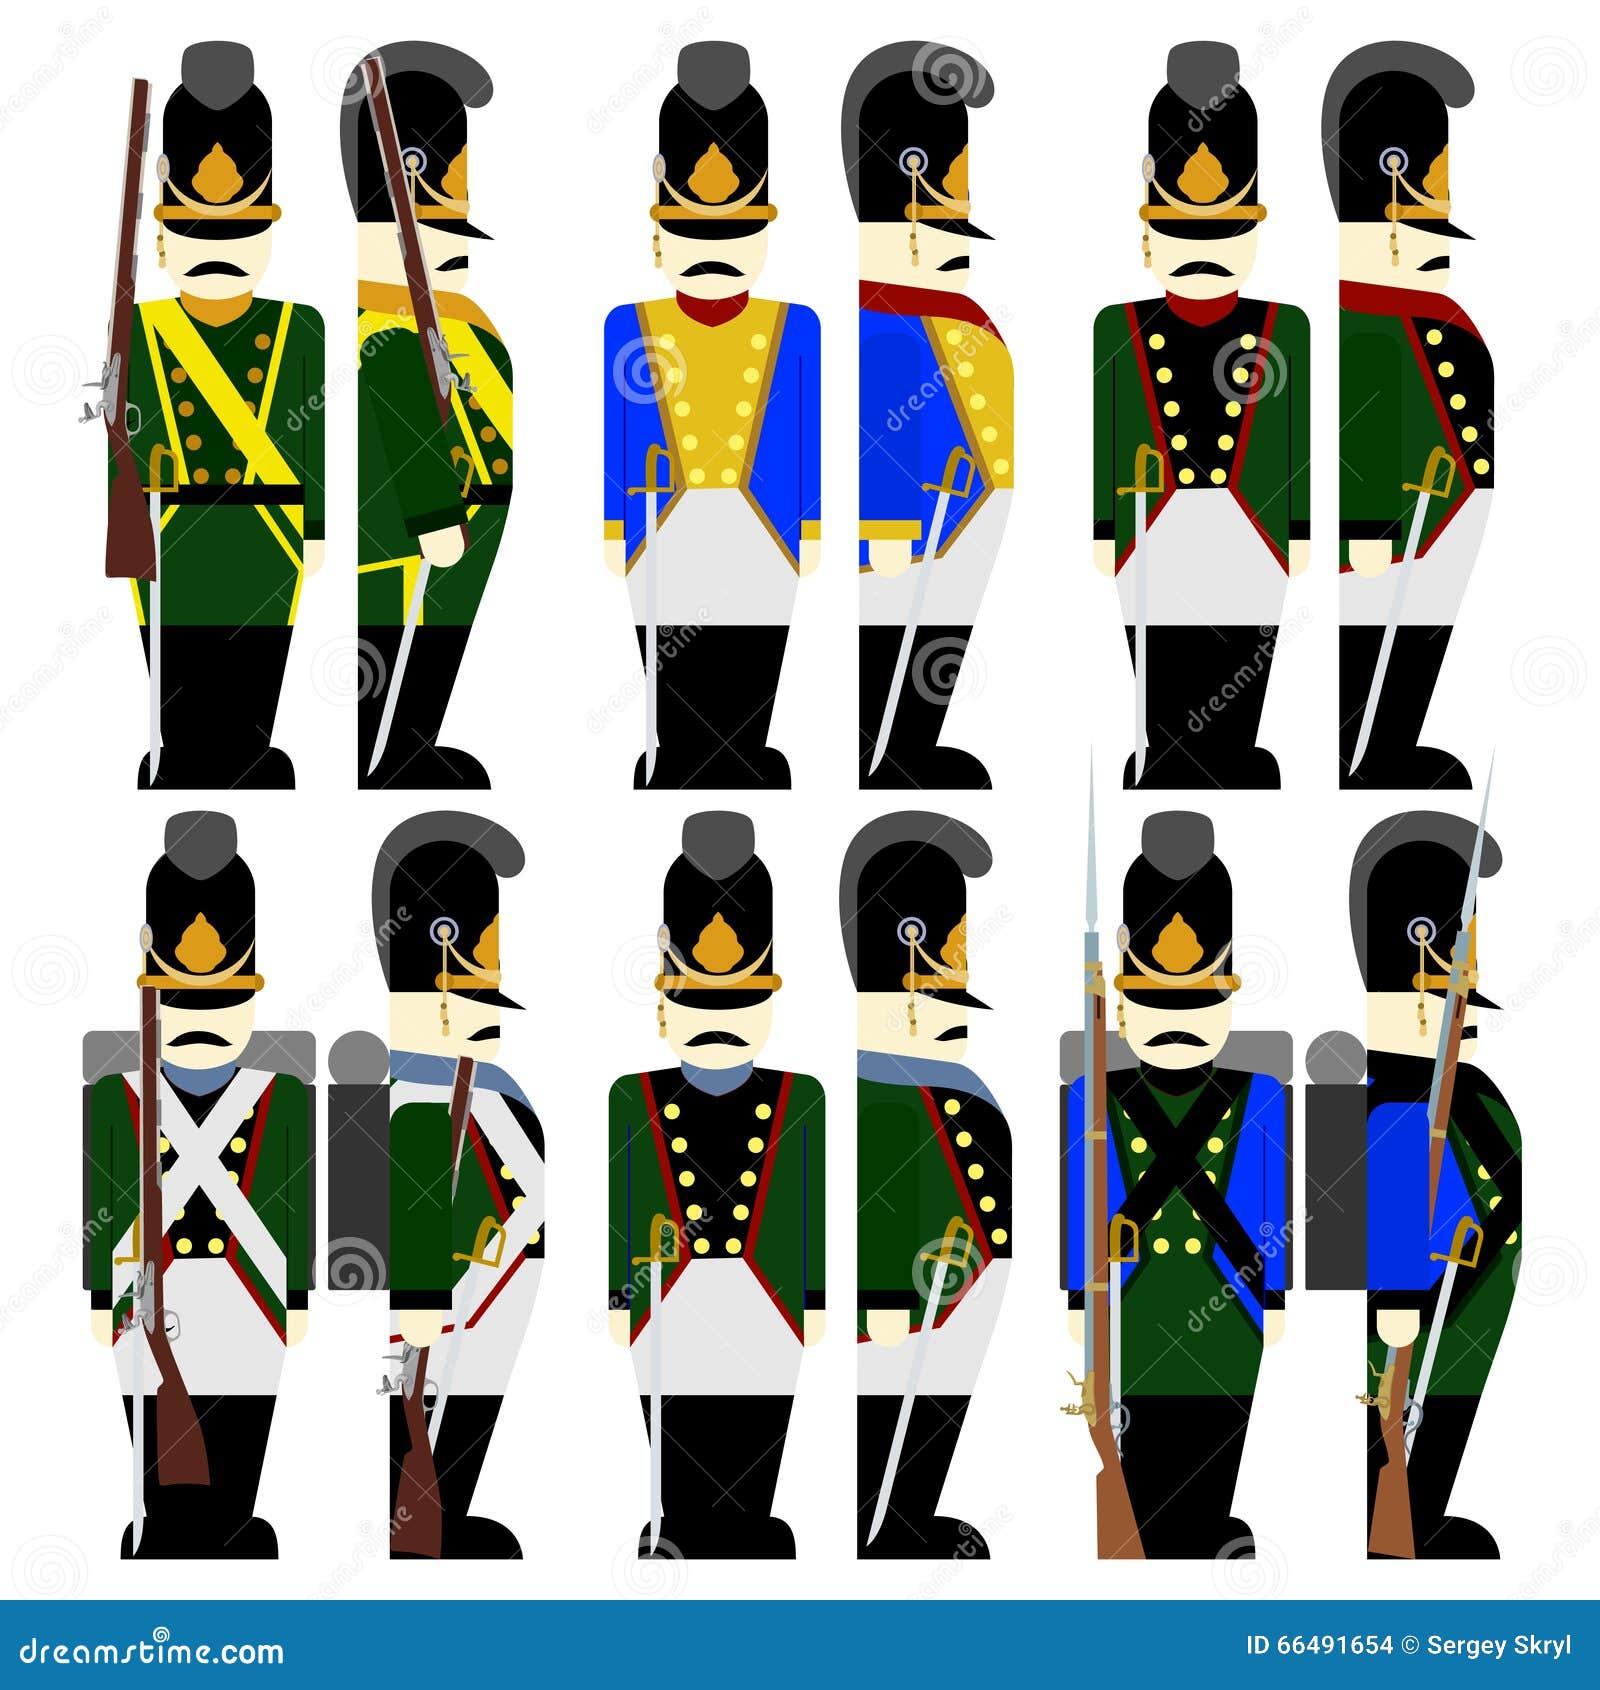 be6c3196839 Στρατός Βαυαρία στρατιωτικών στολών το 1812-2 Διανυσματική ...